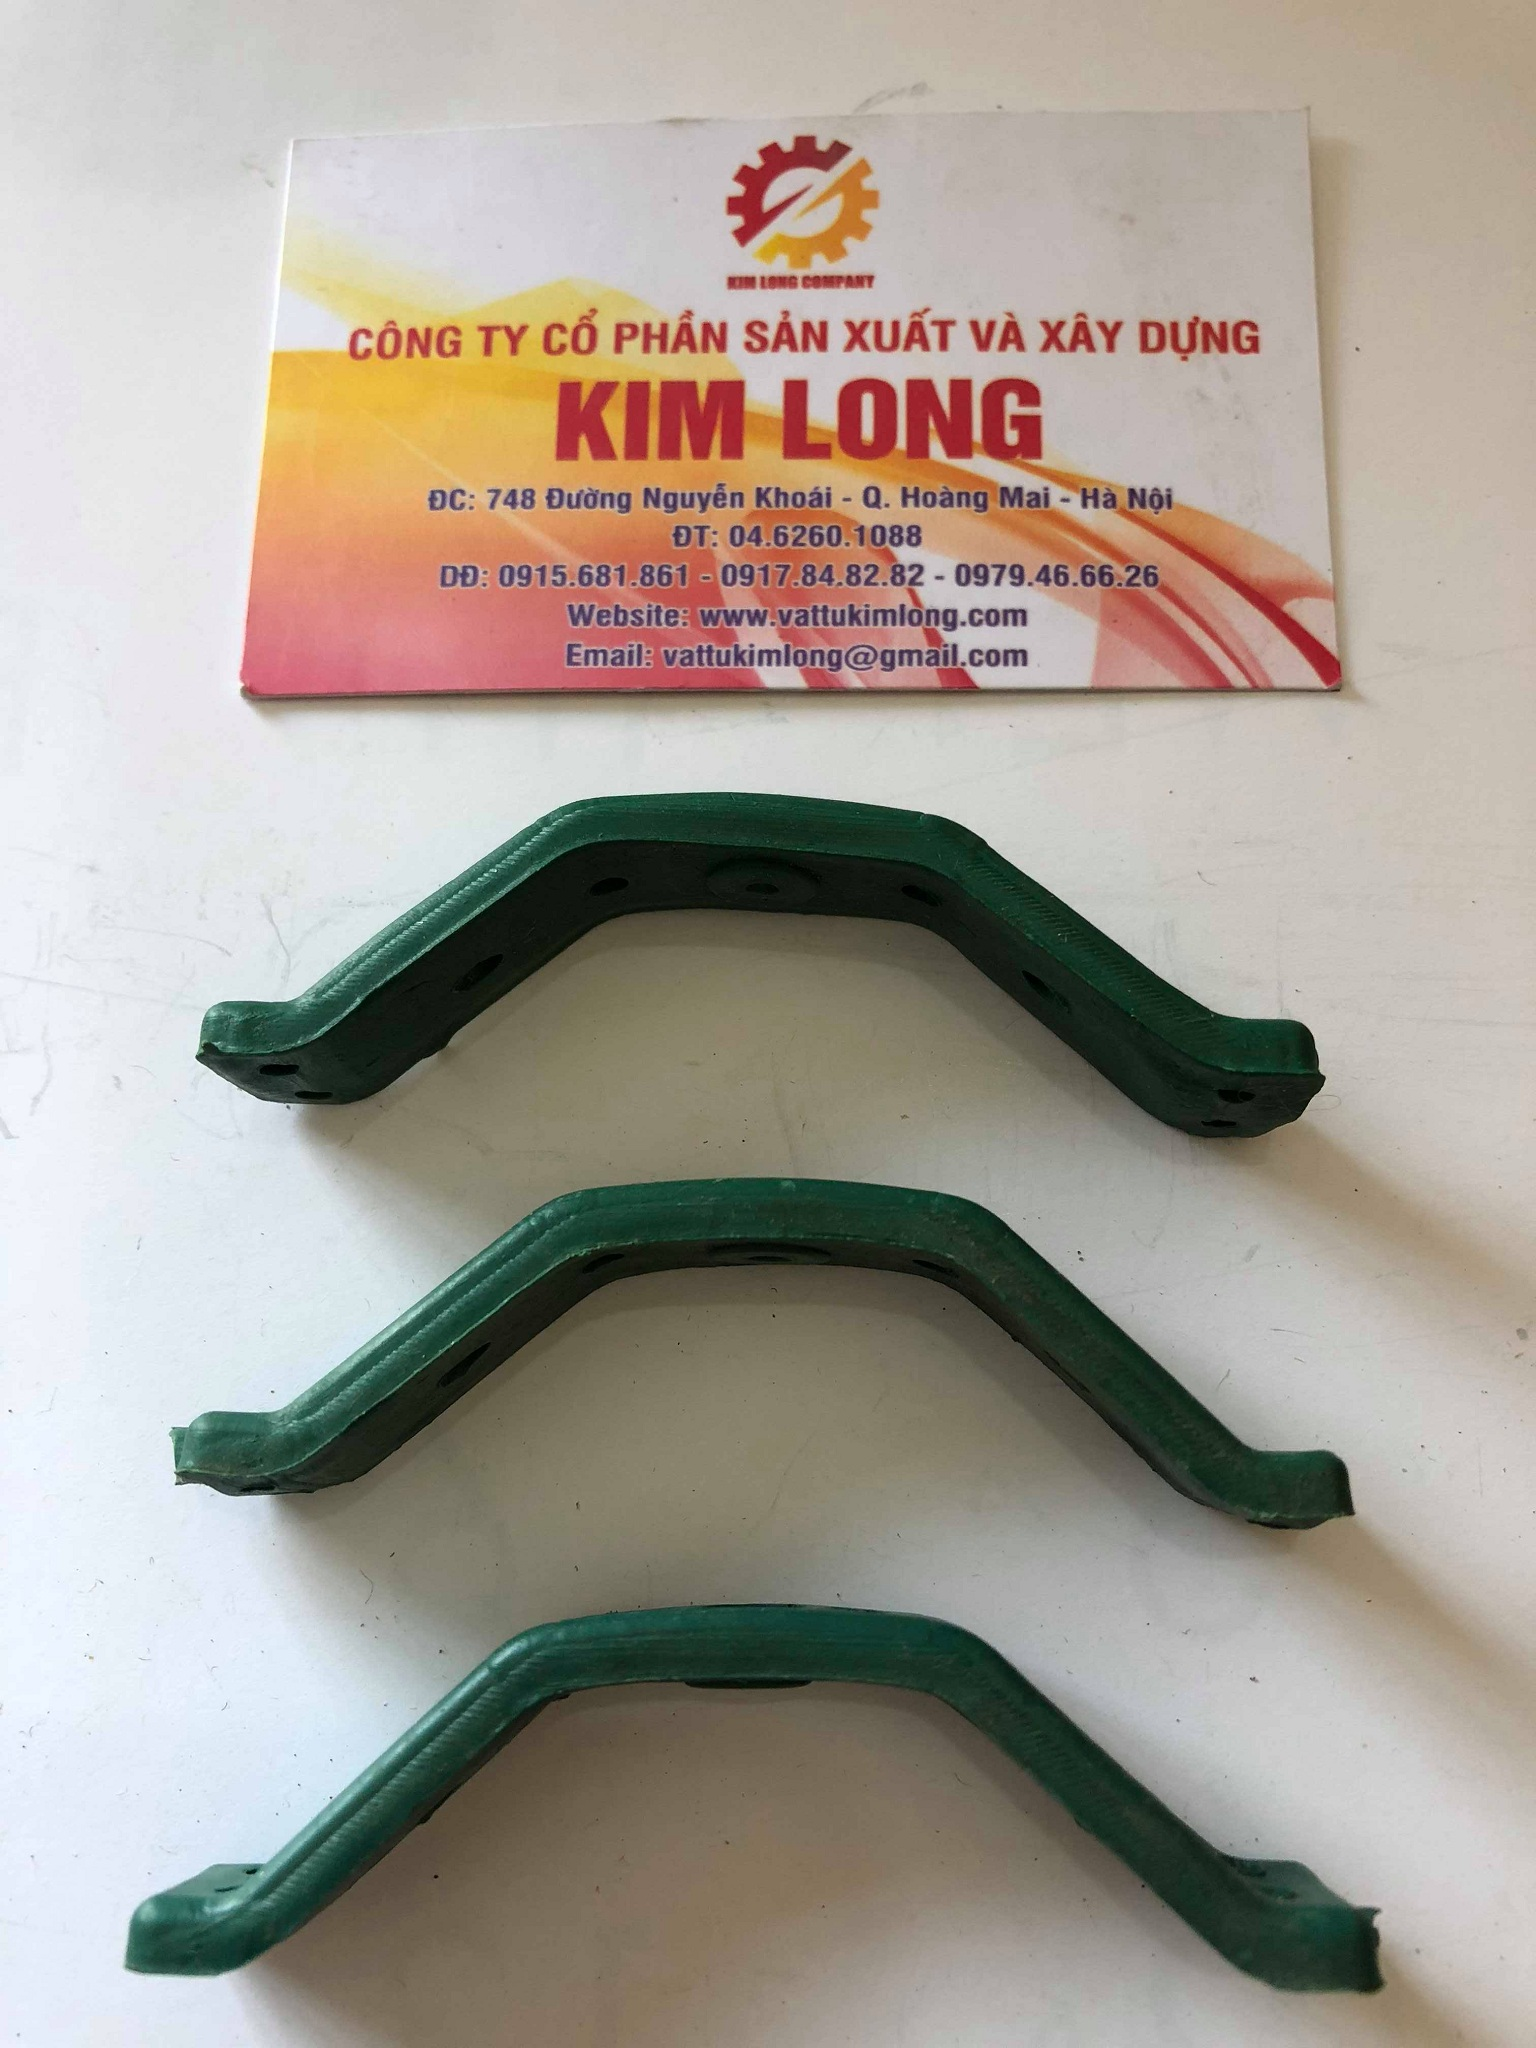 ke chống bão Kim Long